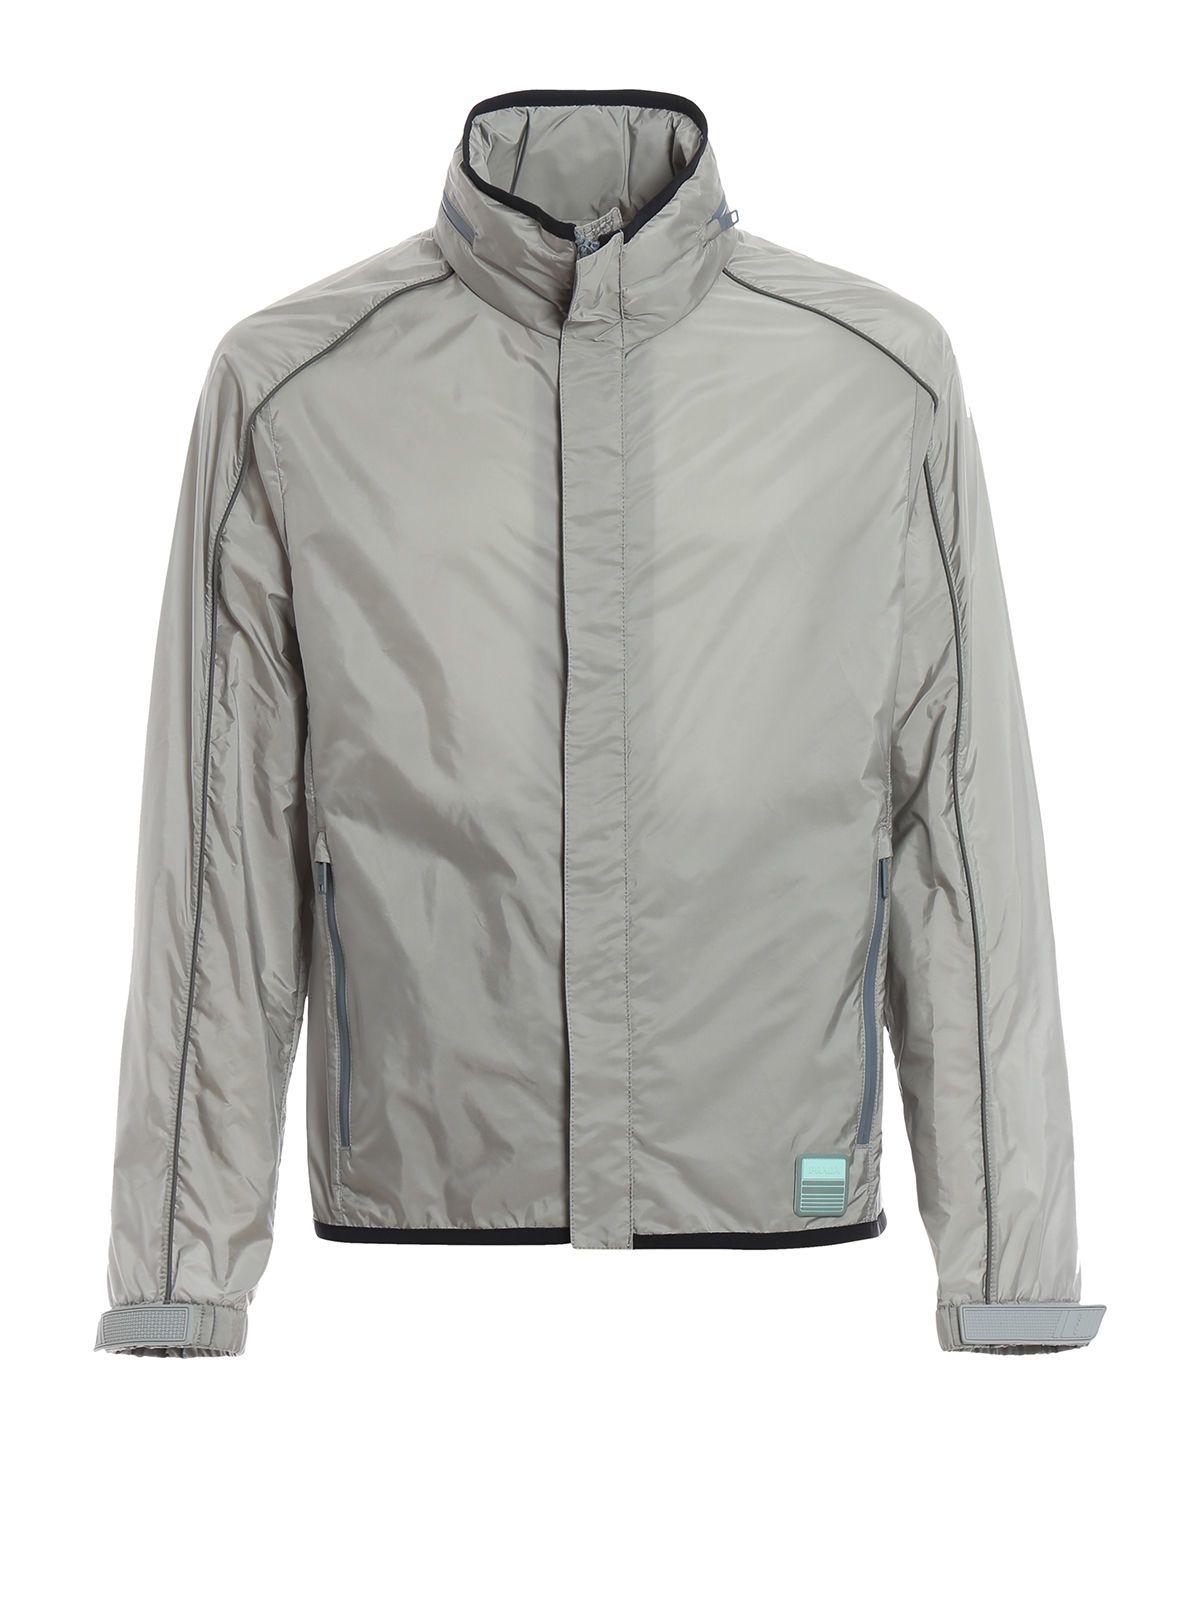 Prada Side Zip Jacket